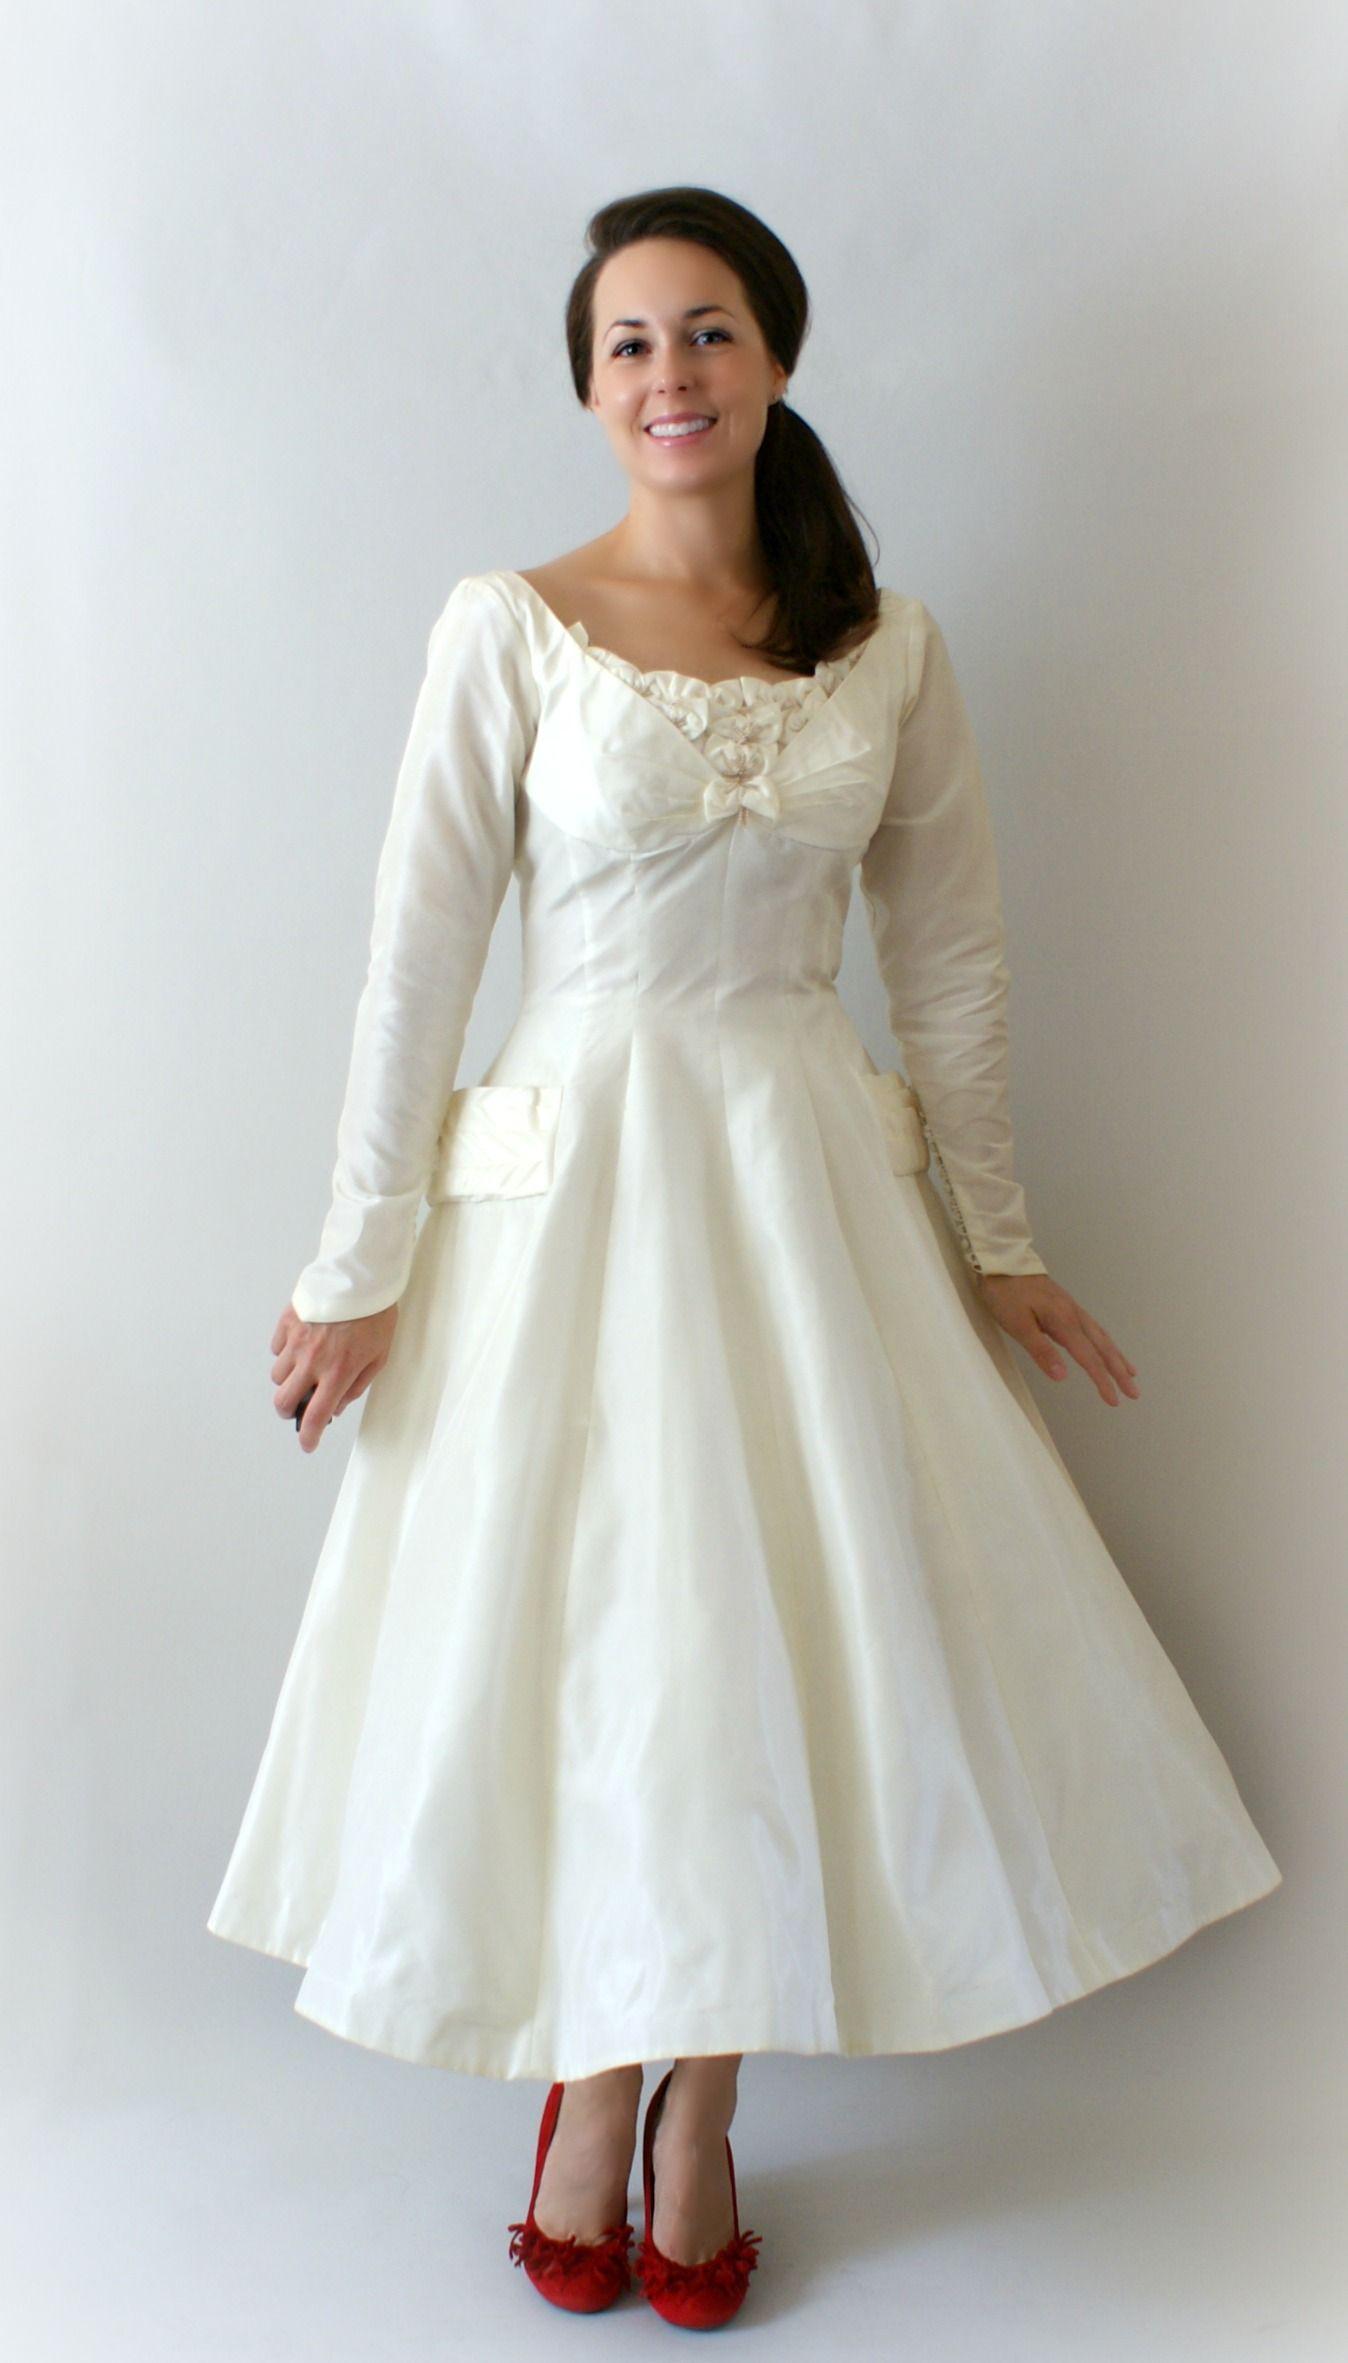 1950s Tea Length Wedding Dress sans the bow and the